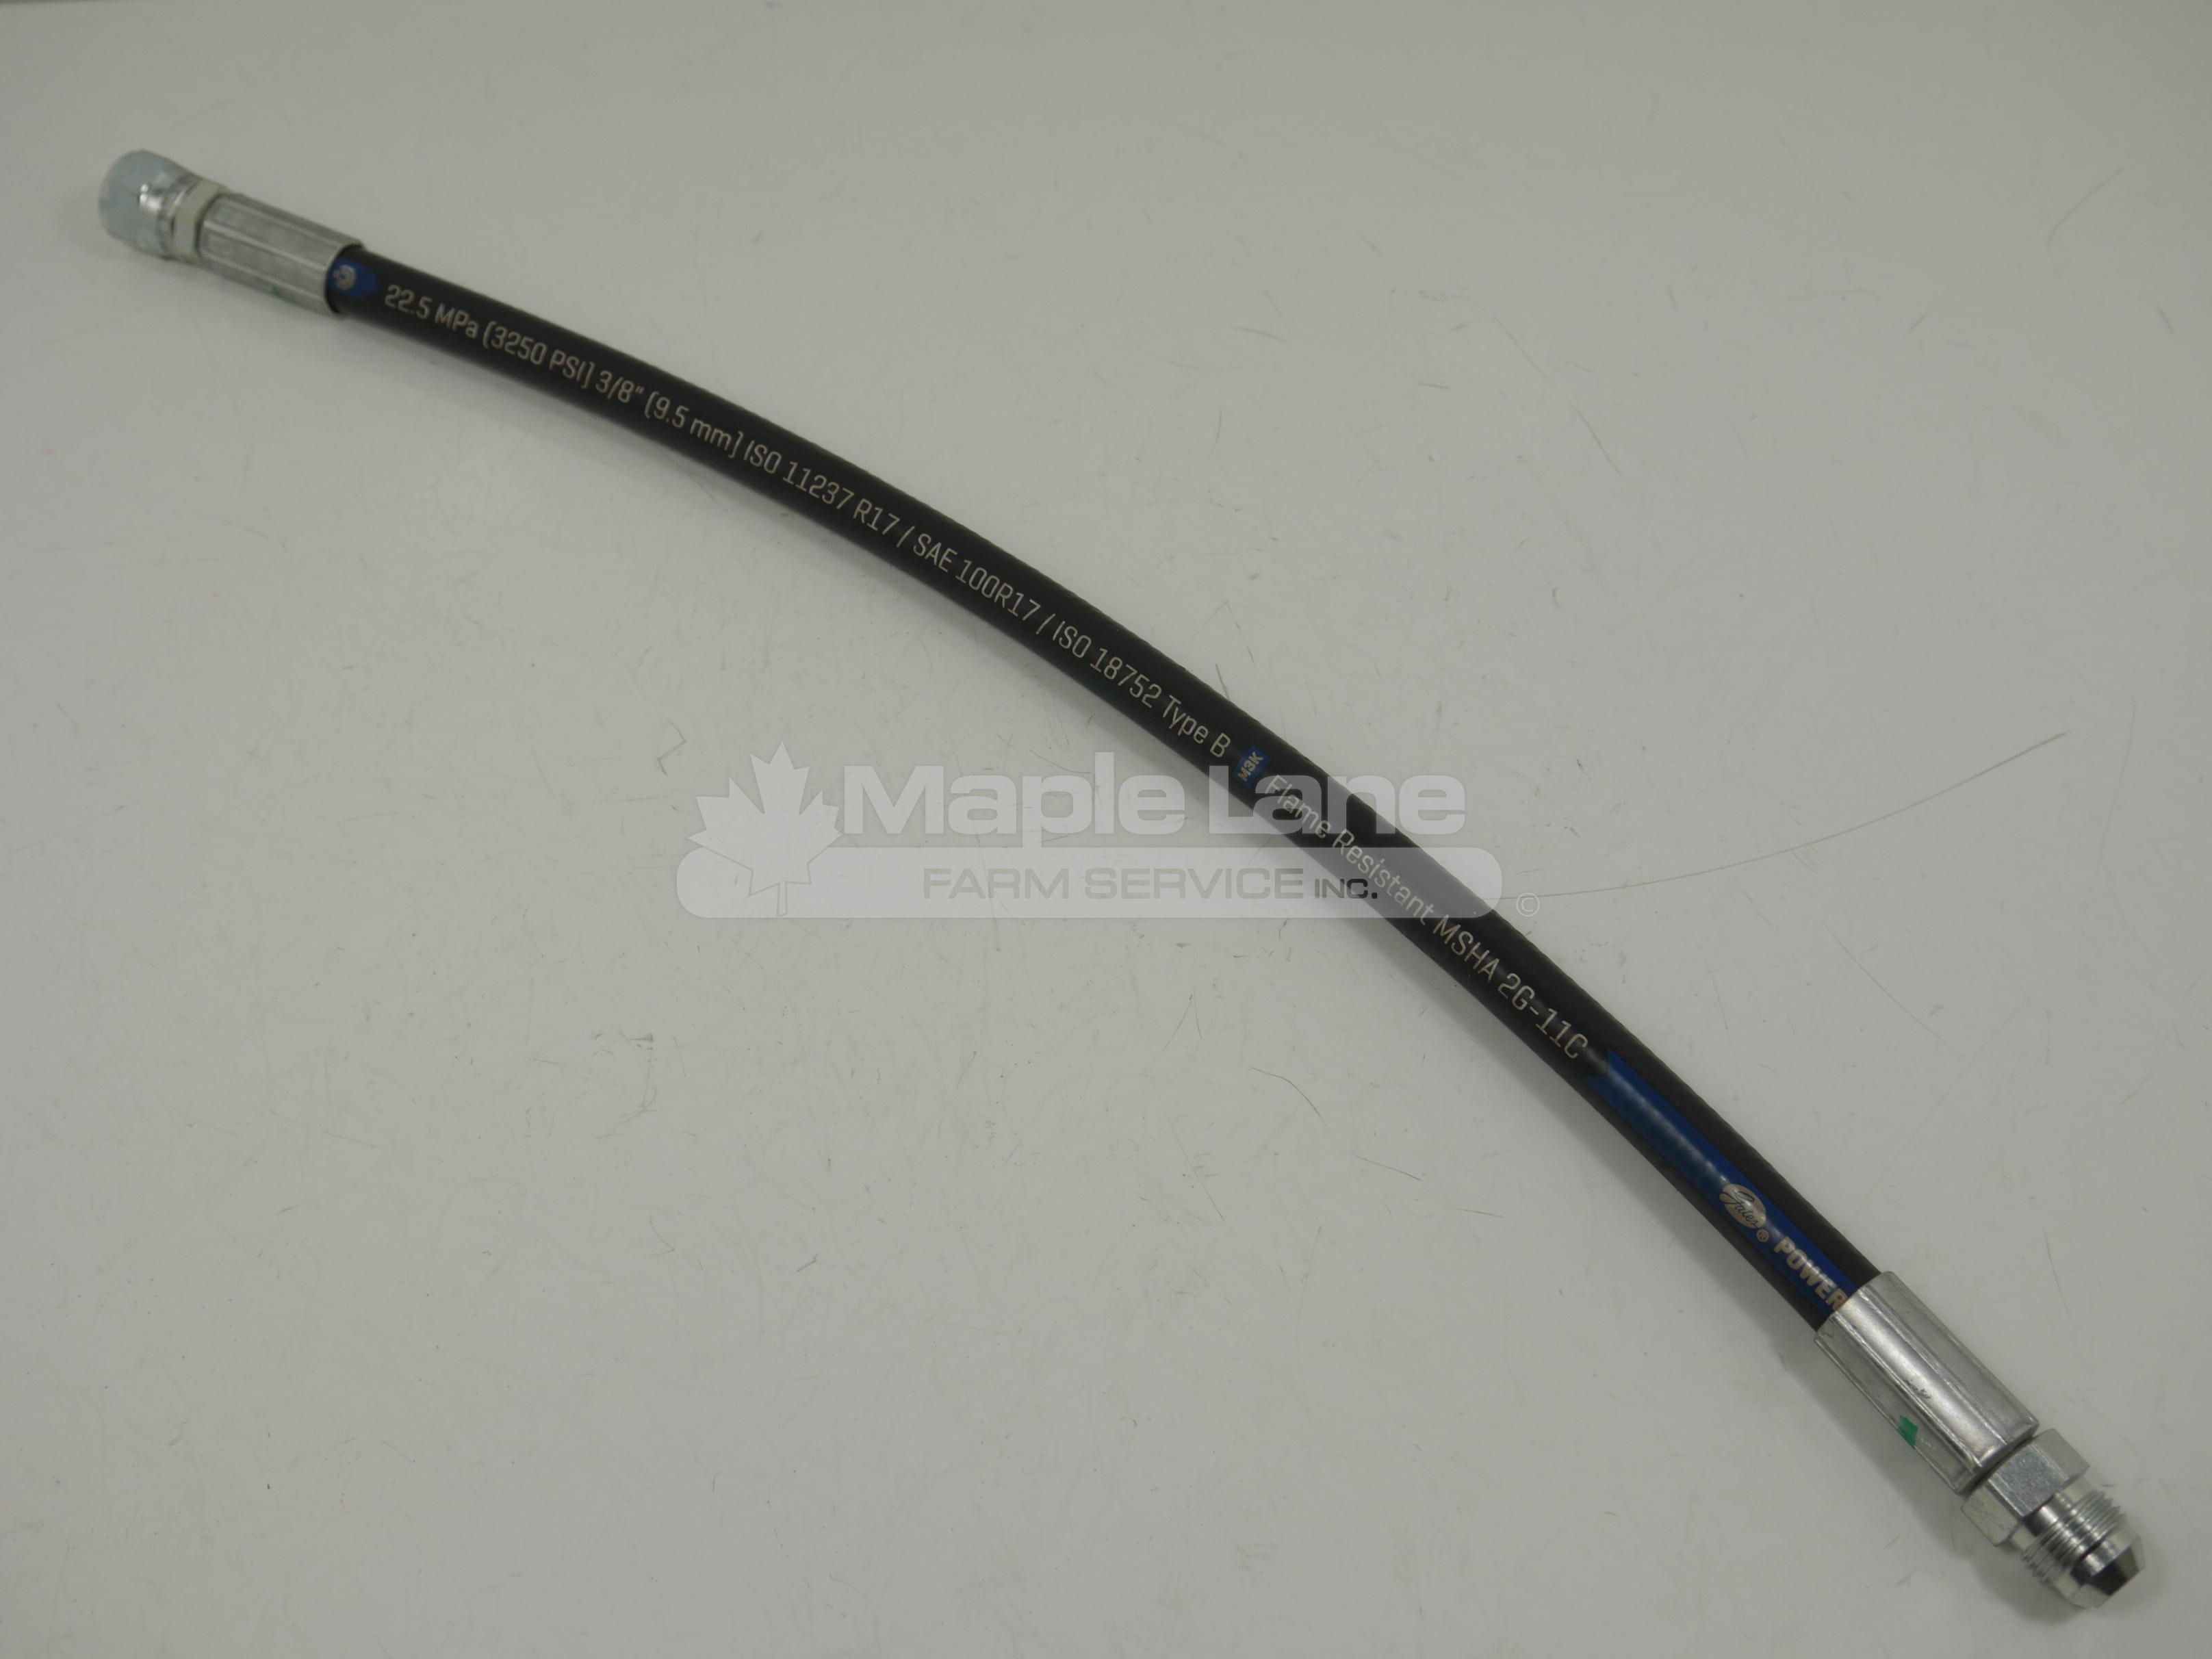 170-35037 Medium-Pressure Hose